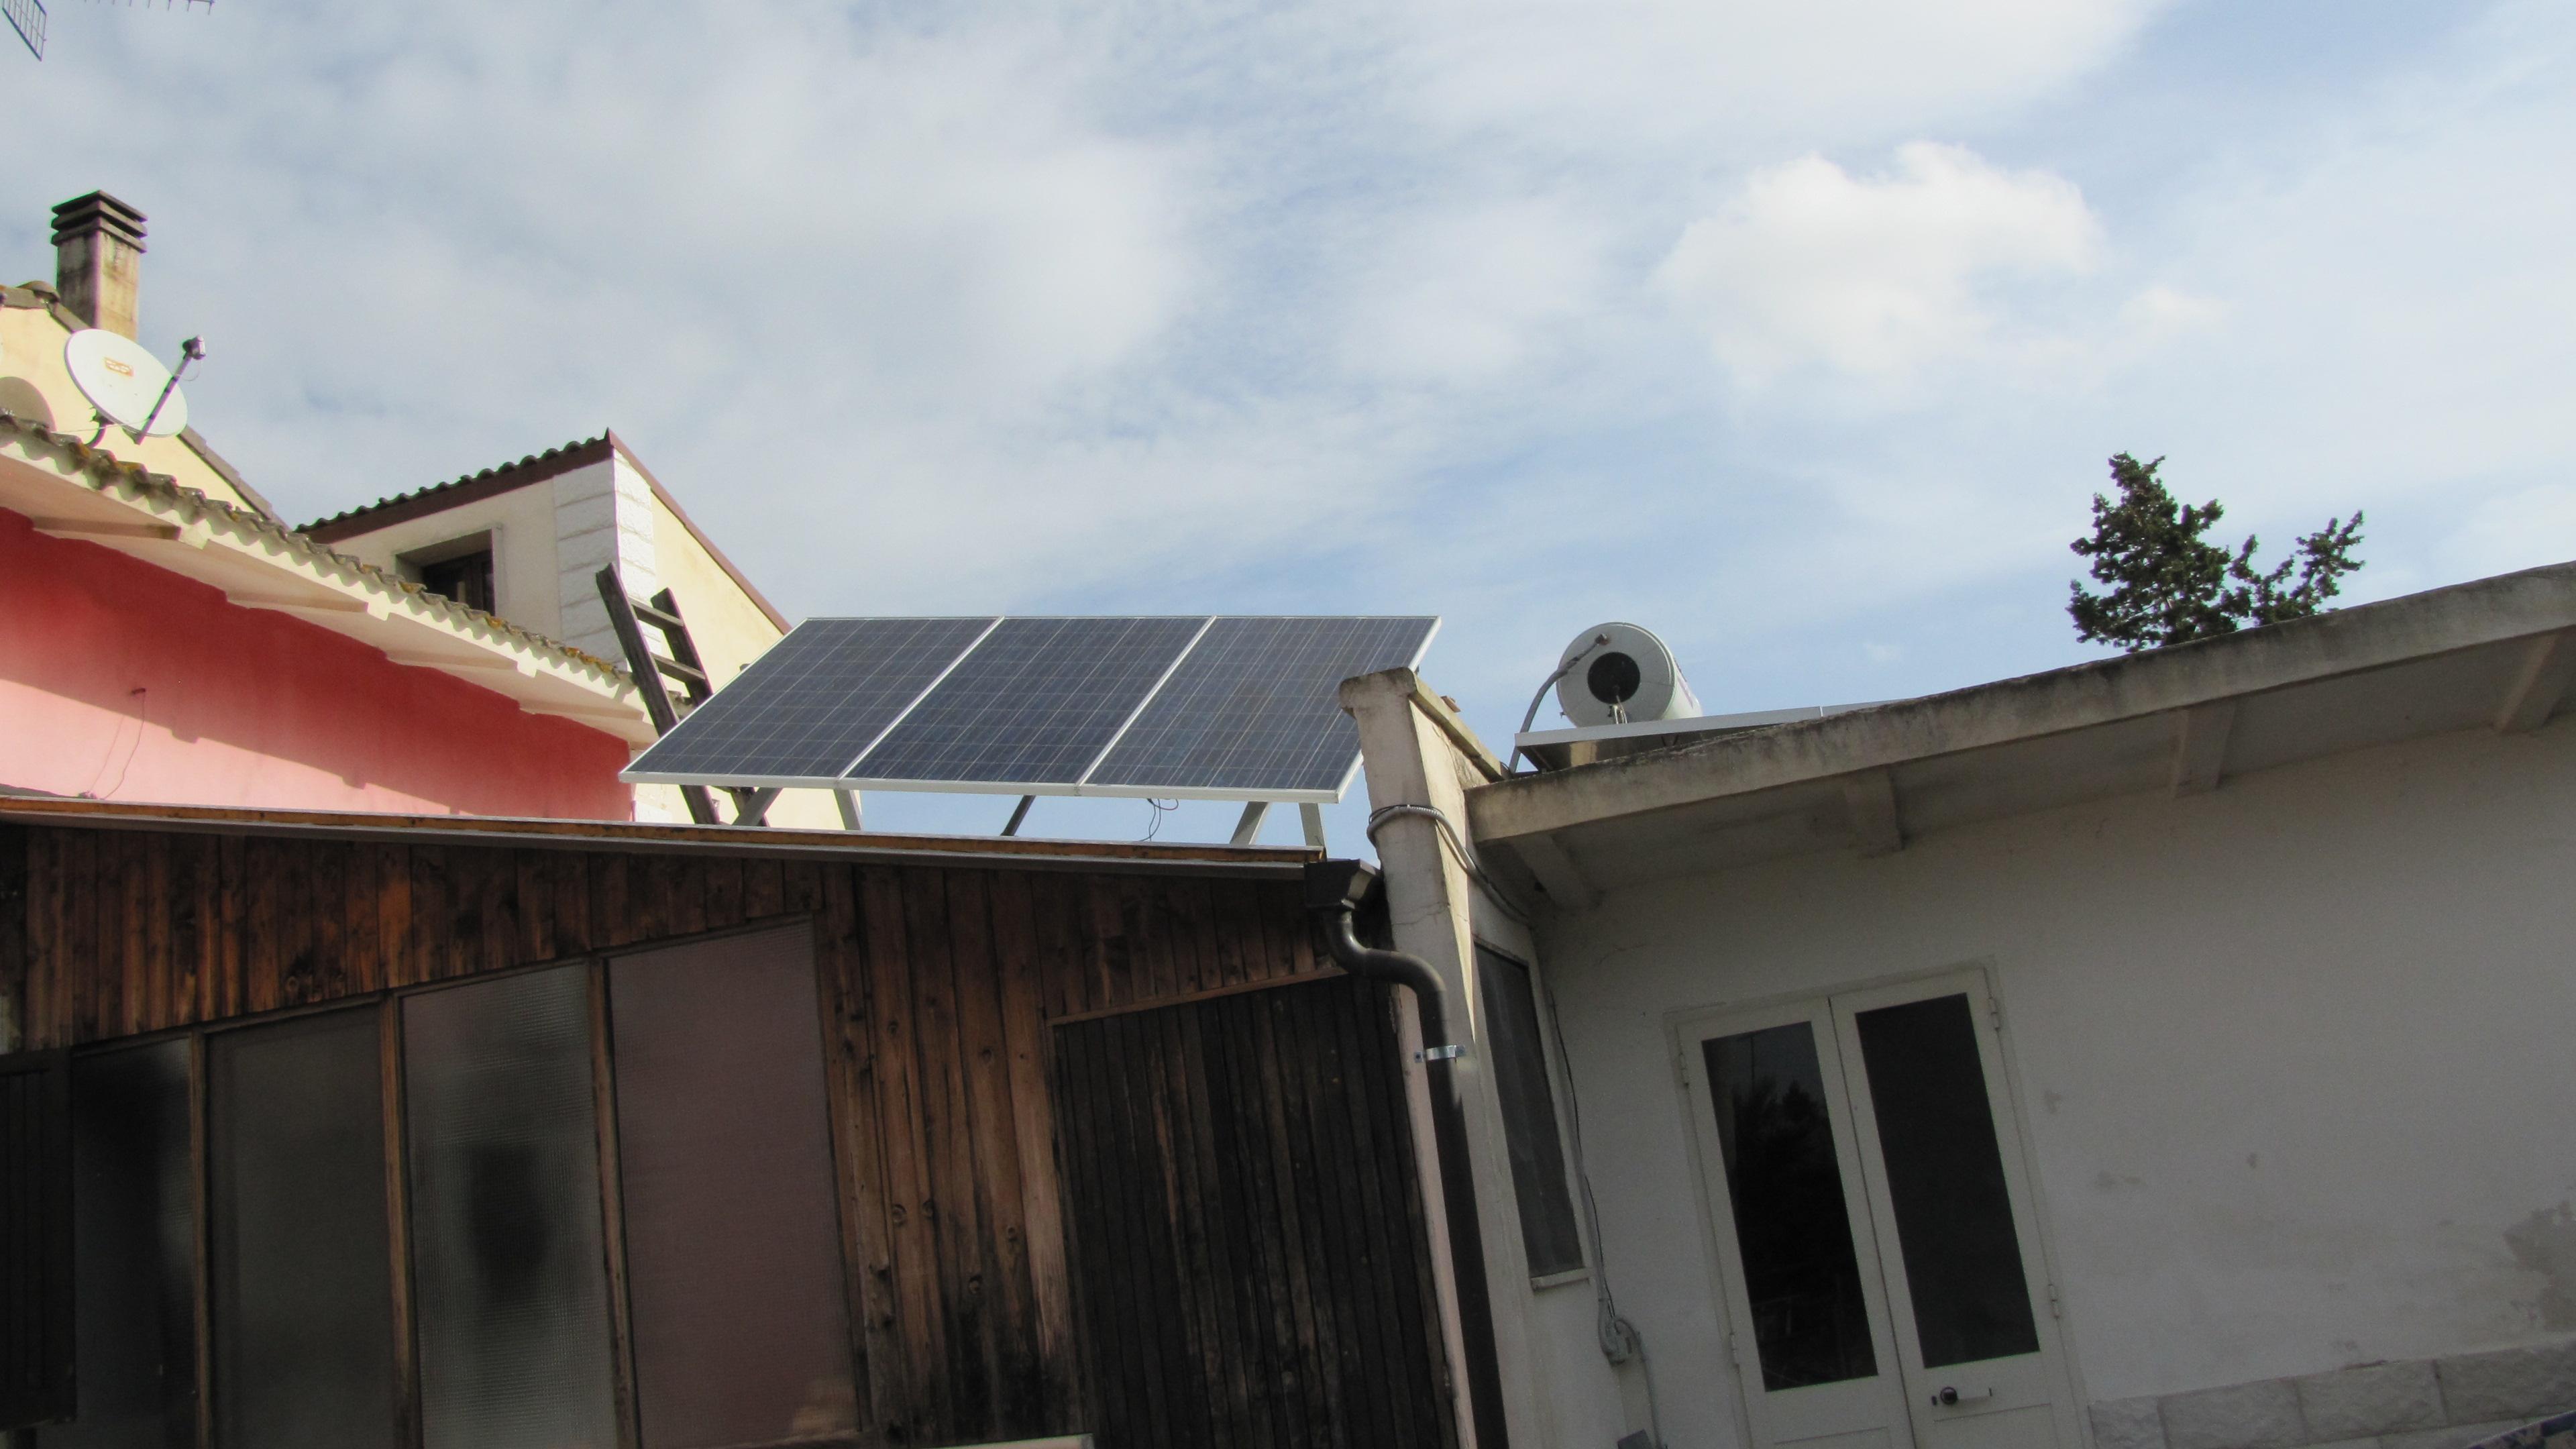 Pannello Solare Con Arduino : Inseguitore solare con arduino pagina